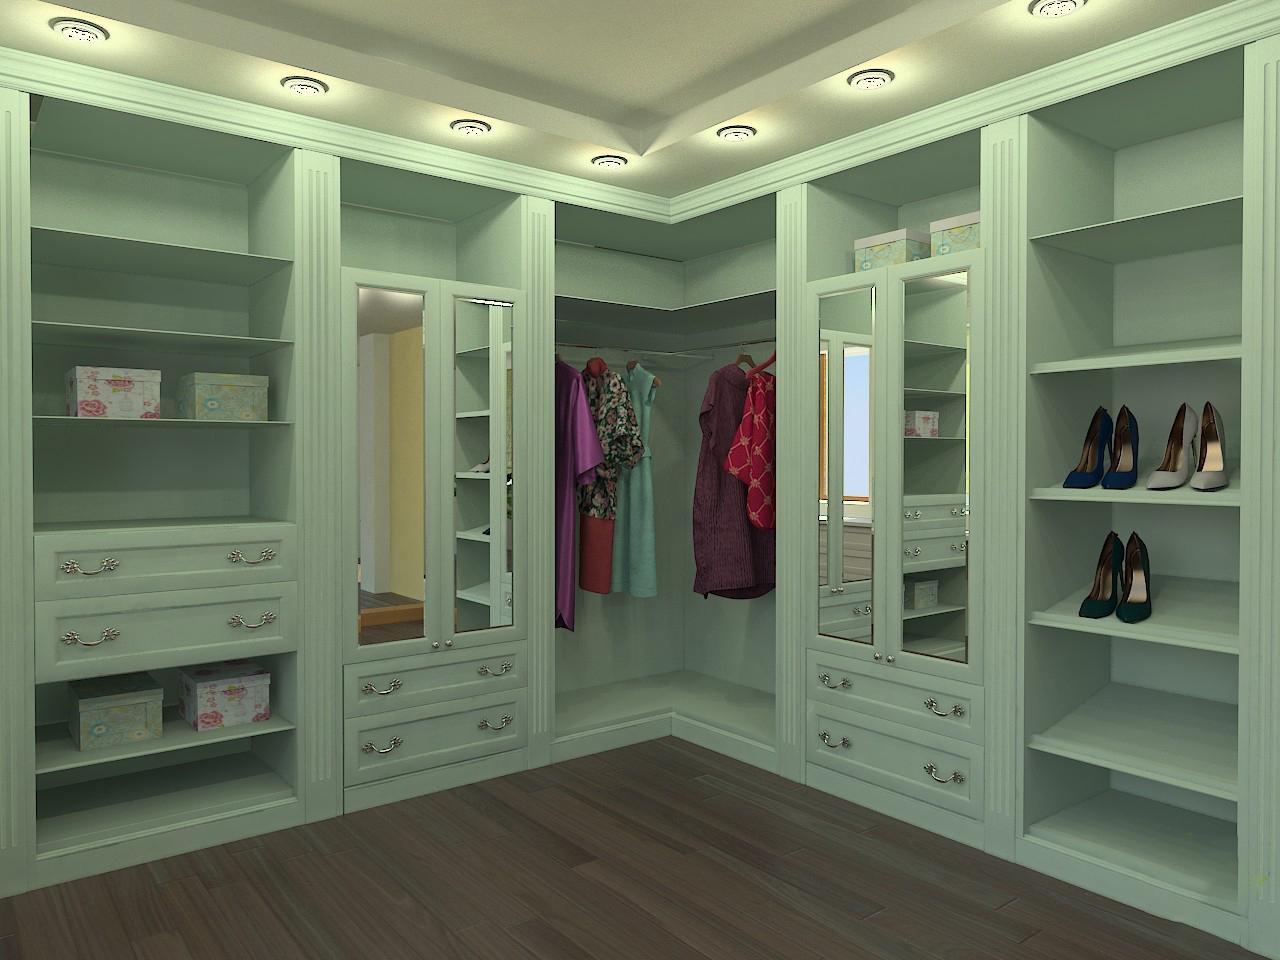 Гардеробные шкафы (65 фото): встраиваемый гардероб, встроенн.